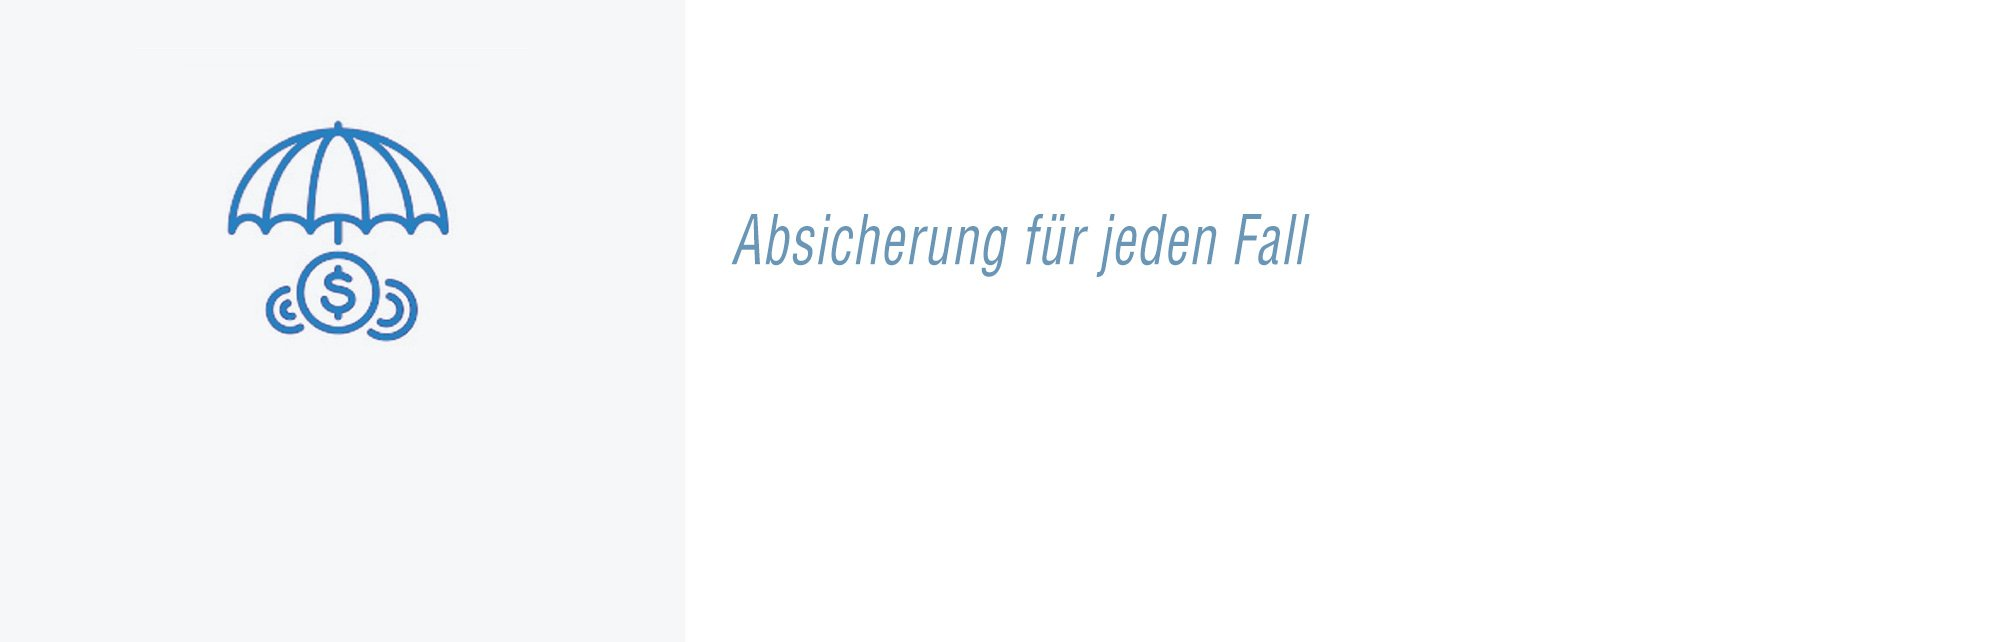 Absicherung genossenschaft berlin